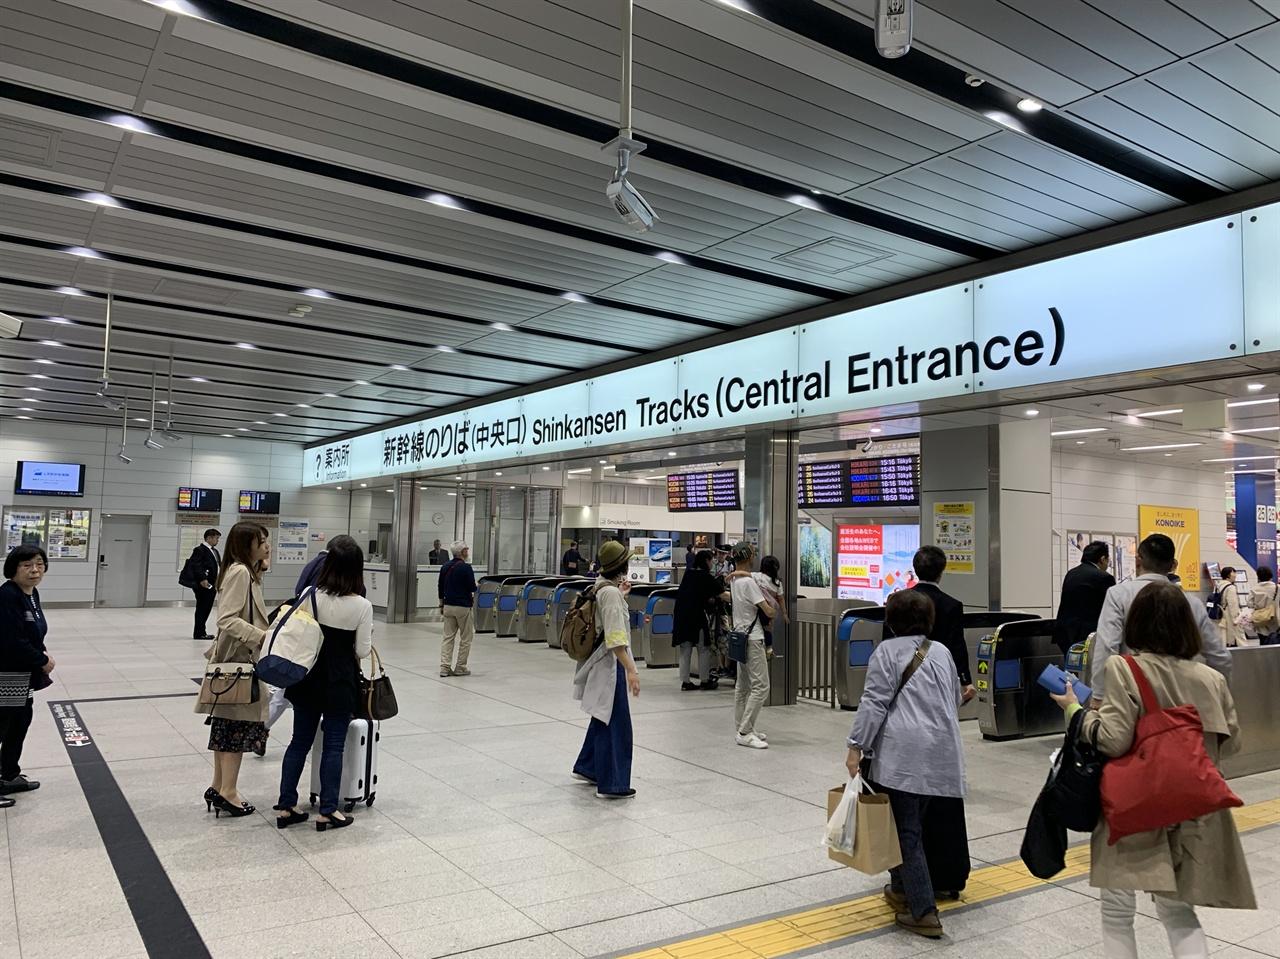 구라시키로 가기 위해 먼저 신오사카 역에서 오카야마로 가는 신칸센을 타야 한다.